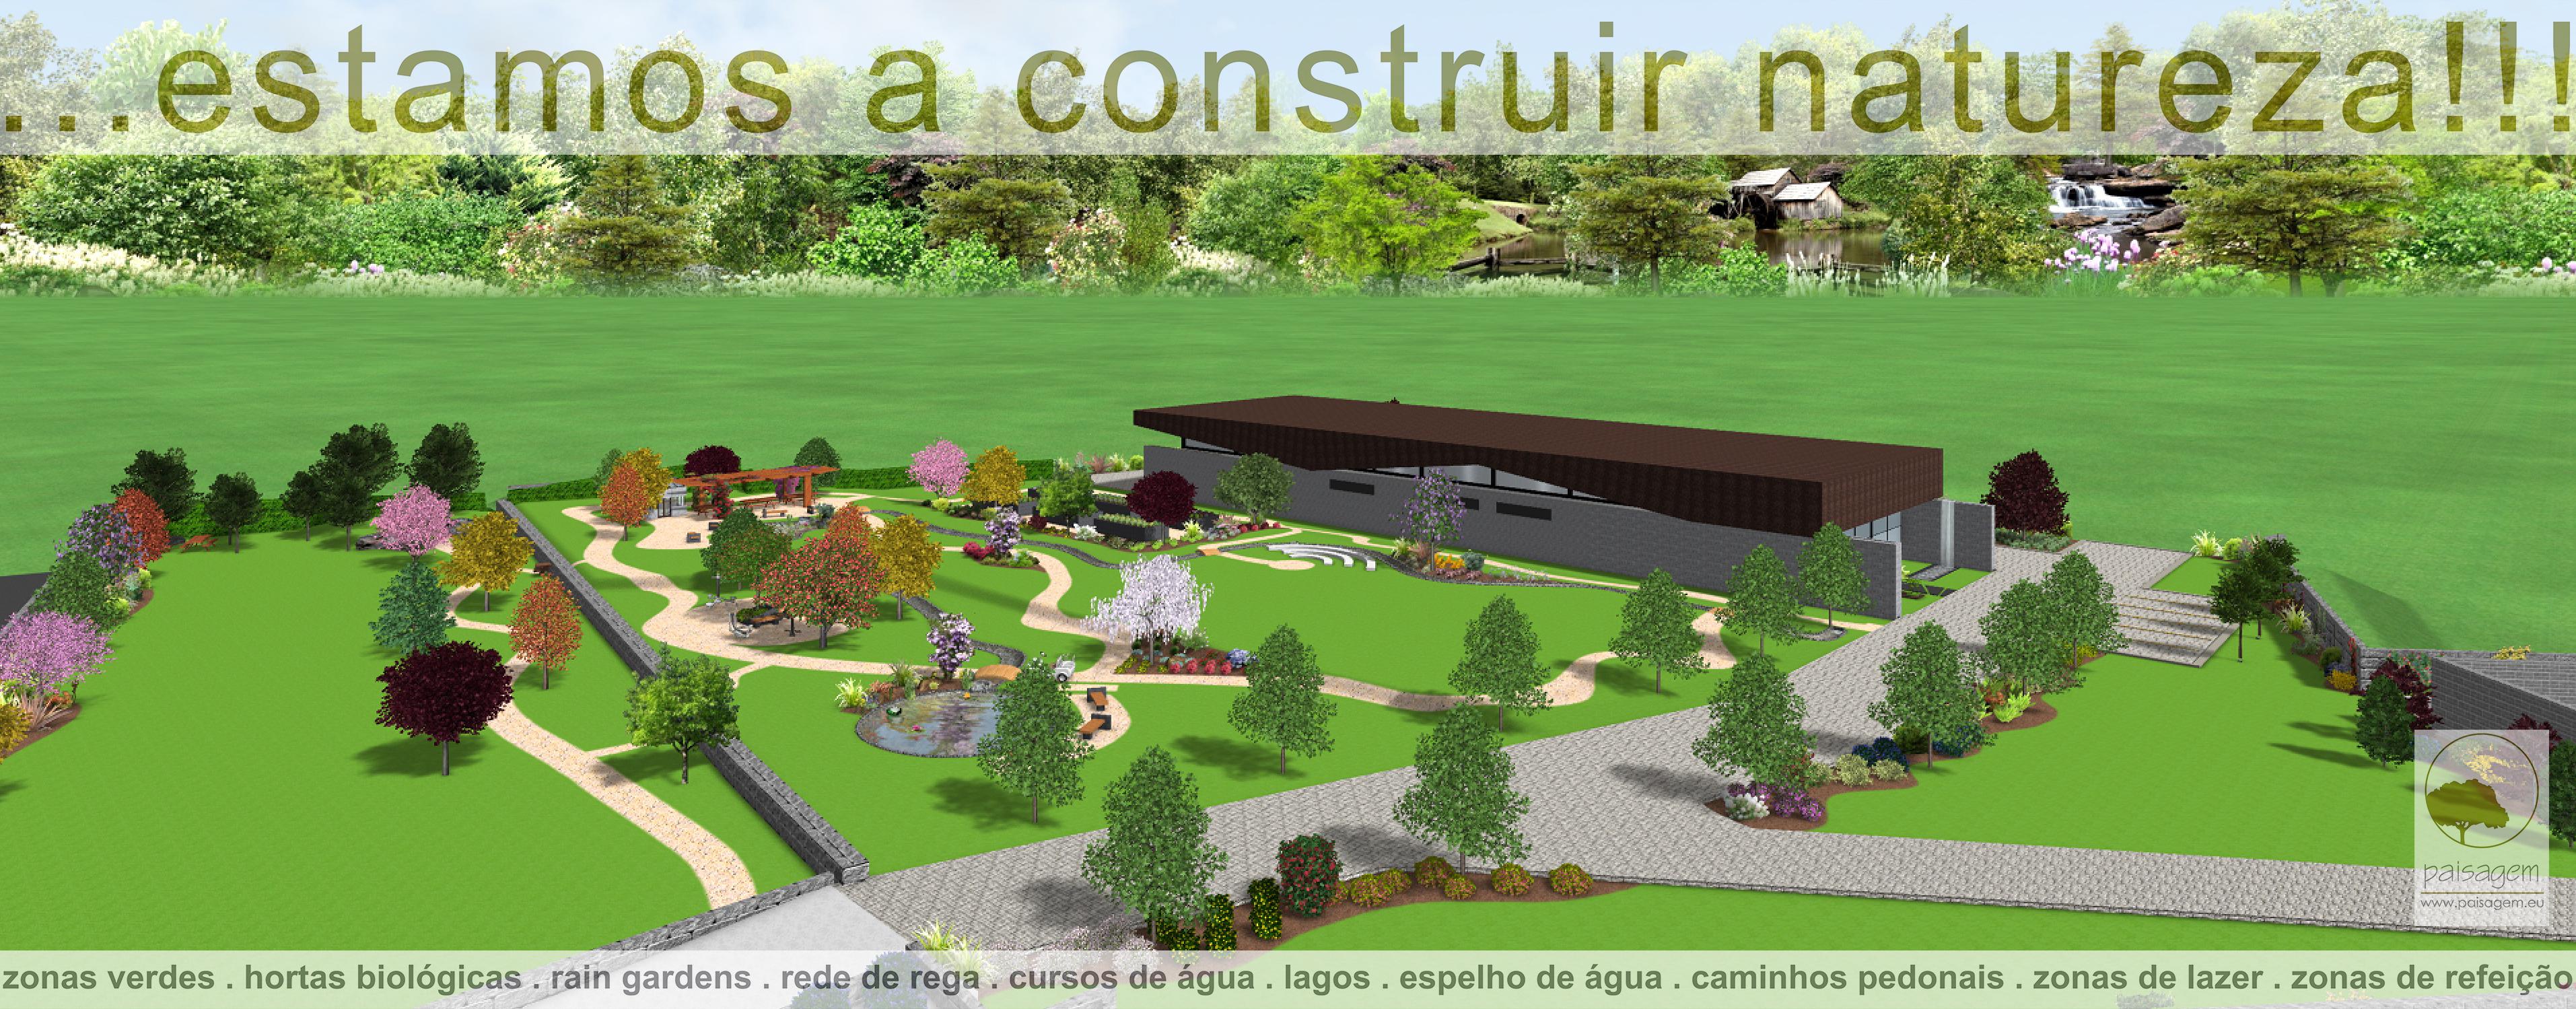 PLACAS-OBRA-AESA-RUIVÃES_site